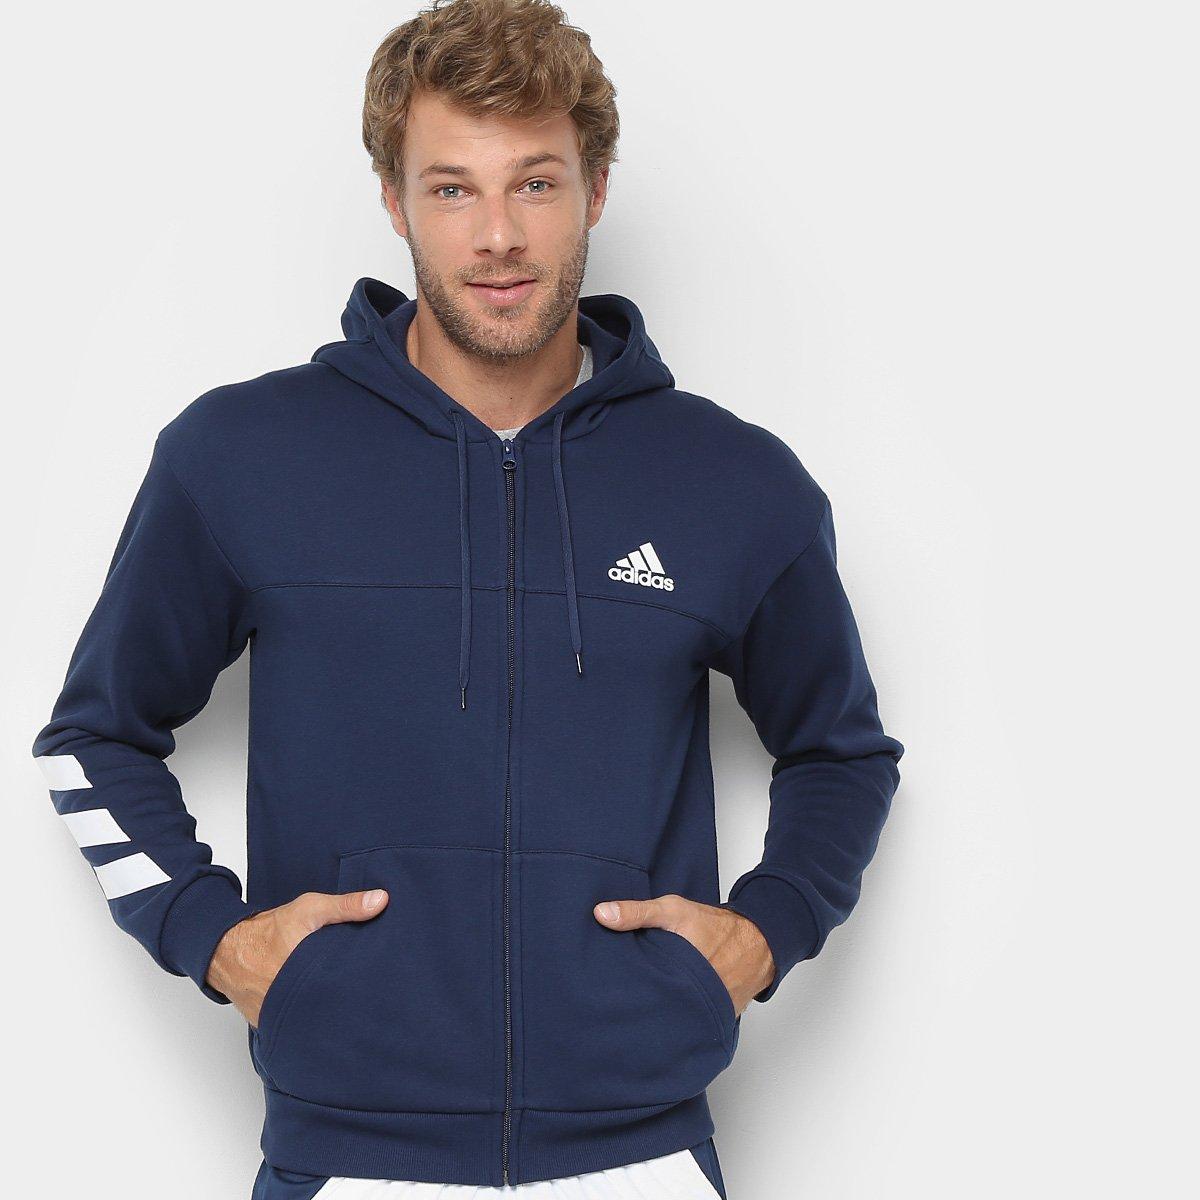 d9e666d2154 Blusa Adidas Sport Slim Masculina - Marinho e Branco - Compre Agora ...